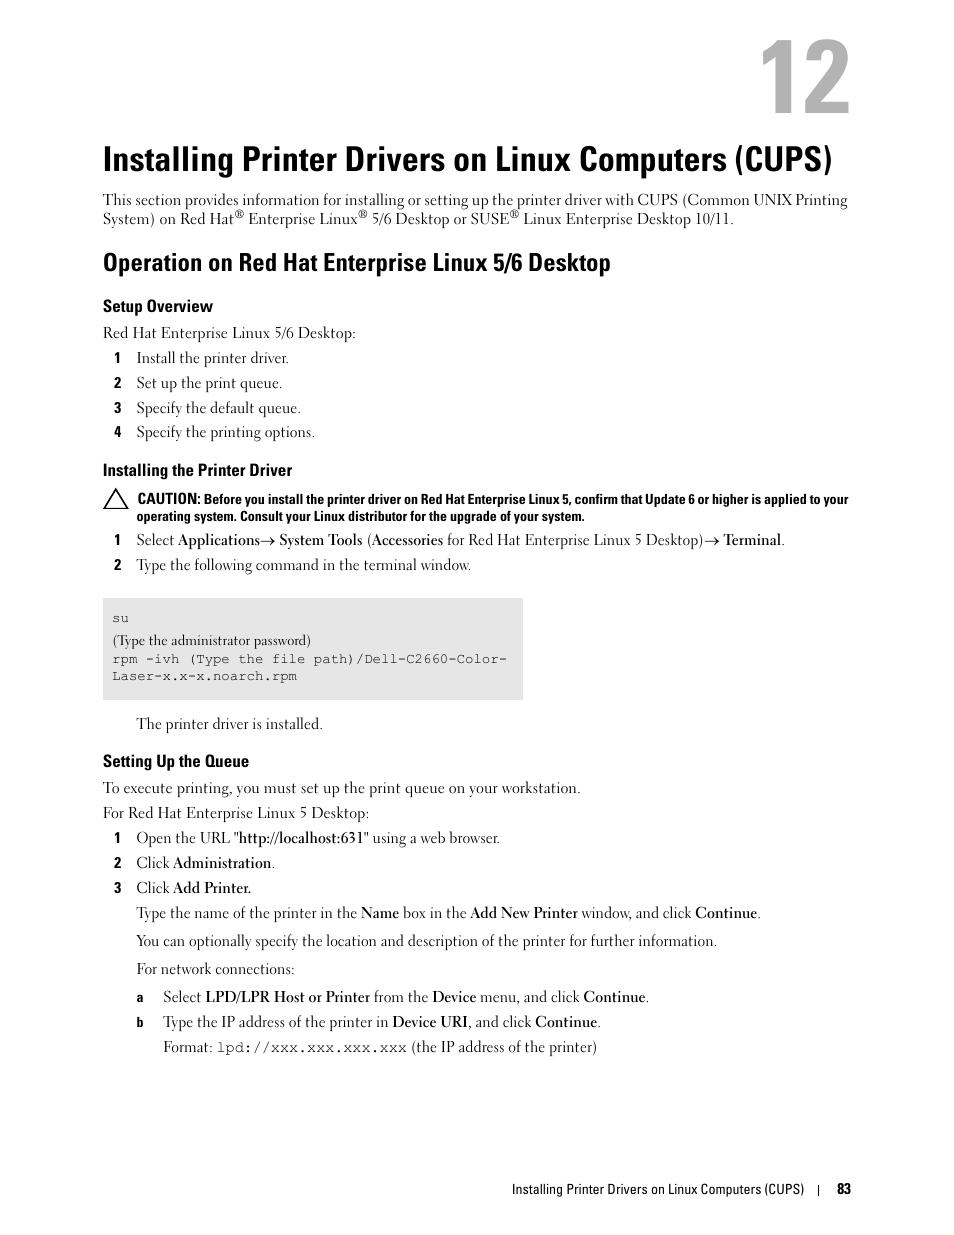 Operation on red hat enterprise linux 5/6 desktop, Setup overview